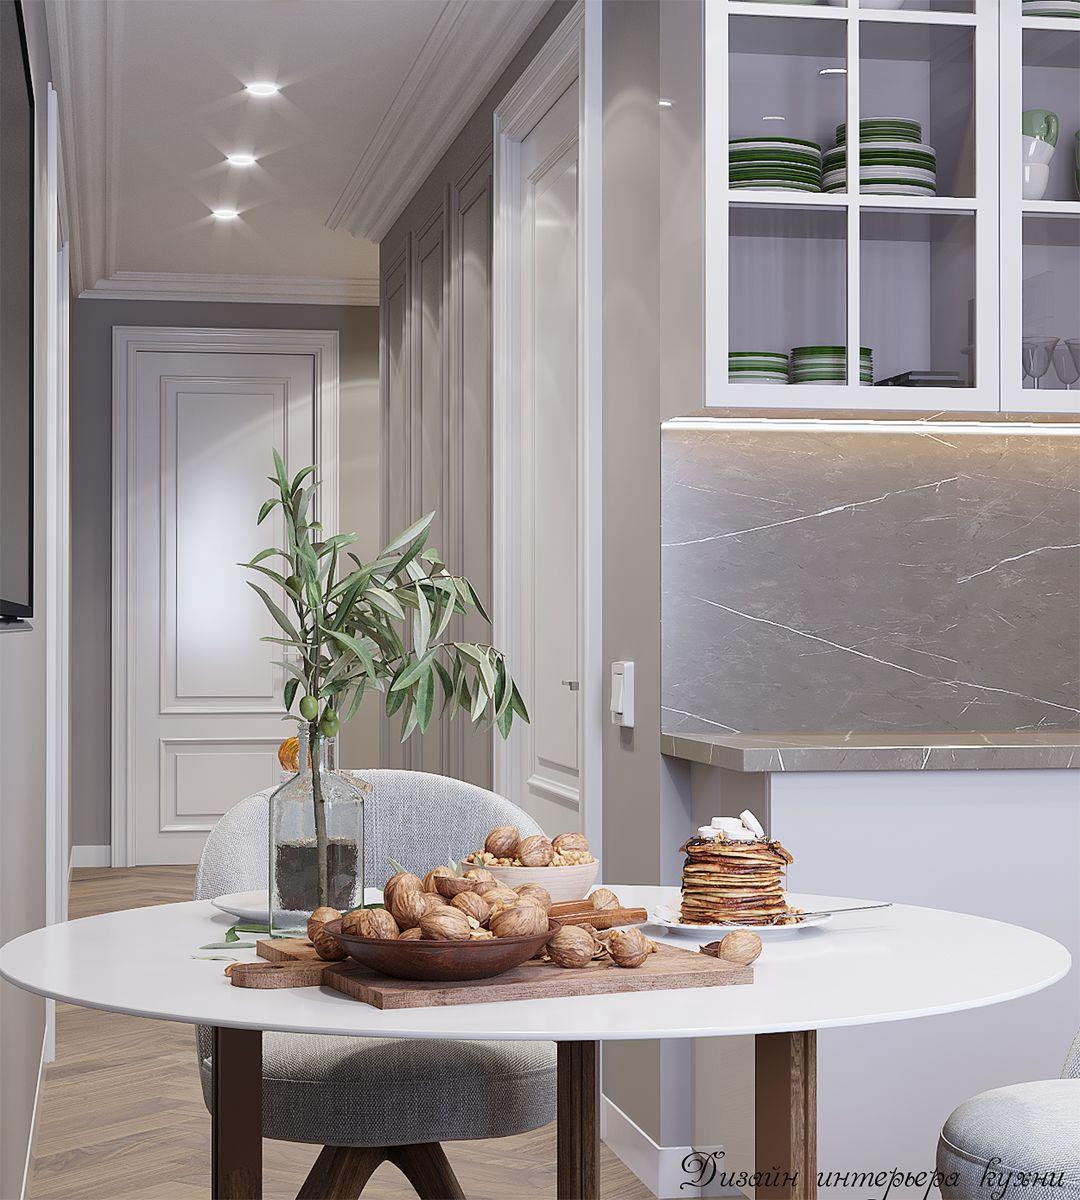 Дизайн интерьера домов, квартир, офисов и др. помещений